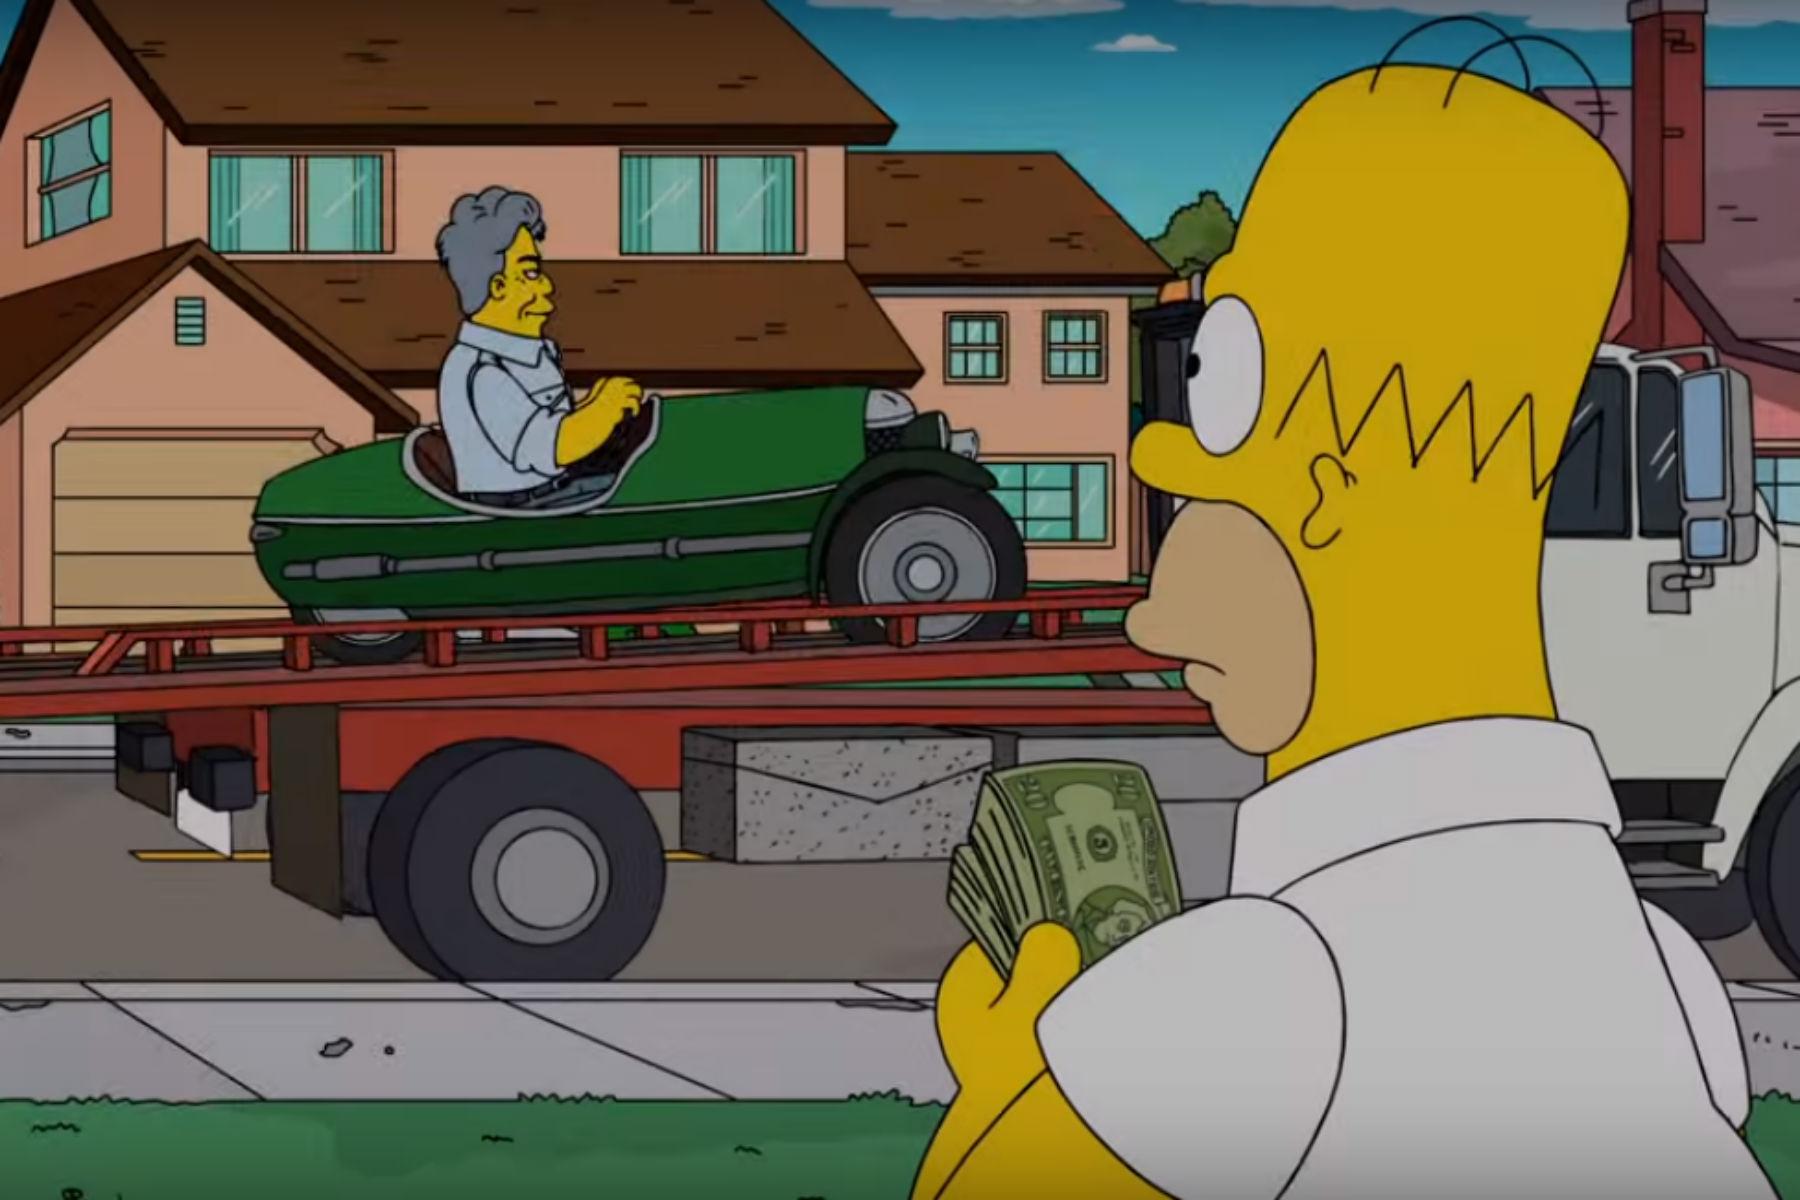 Jay Leno buys a Morgan 3 Wheeler from Homer Simpson